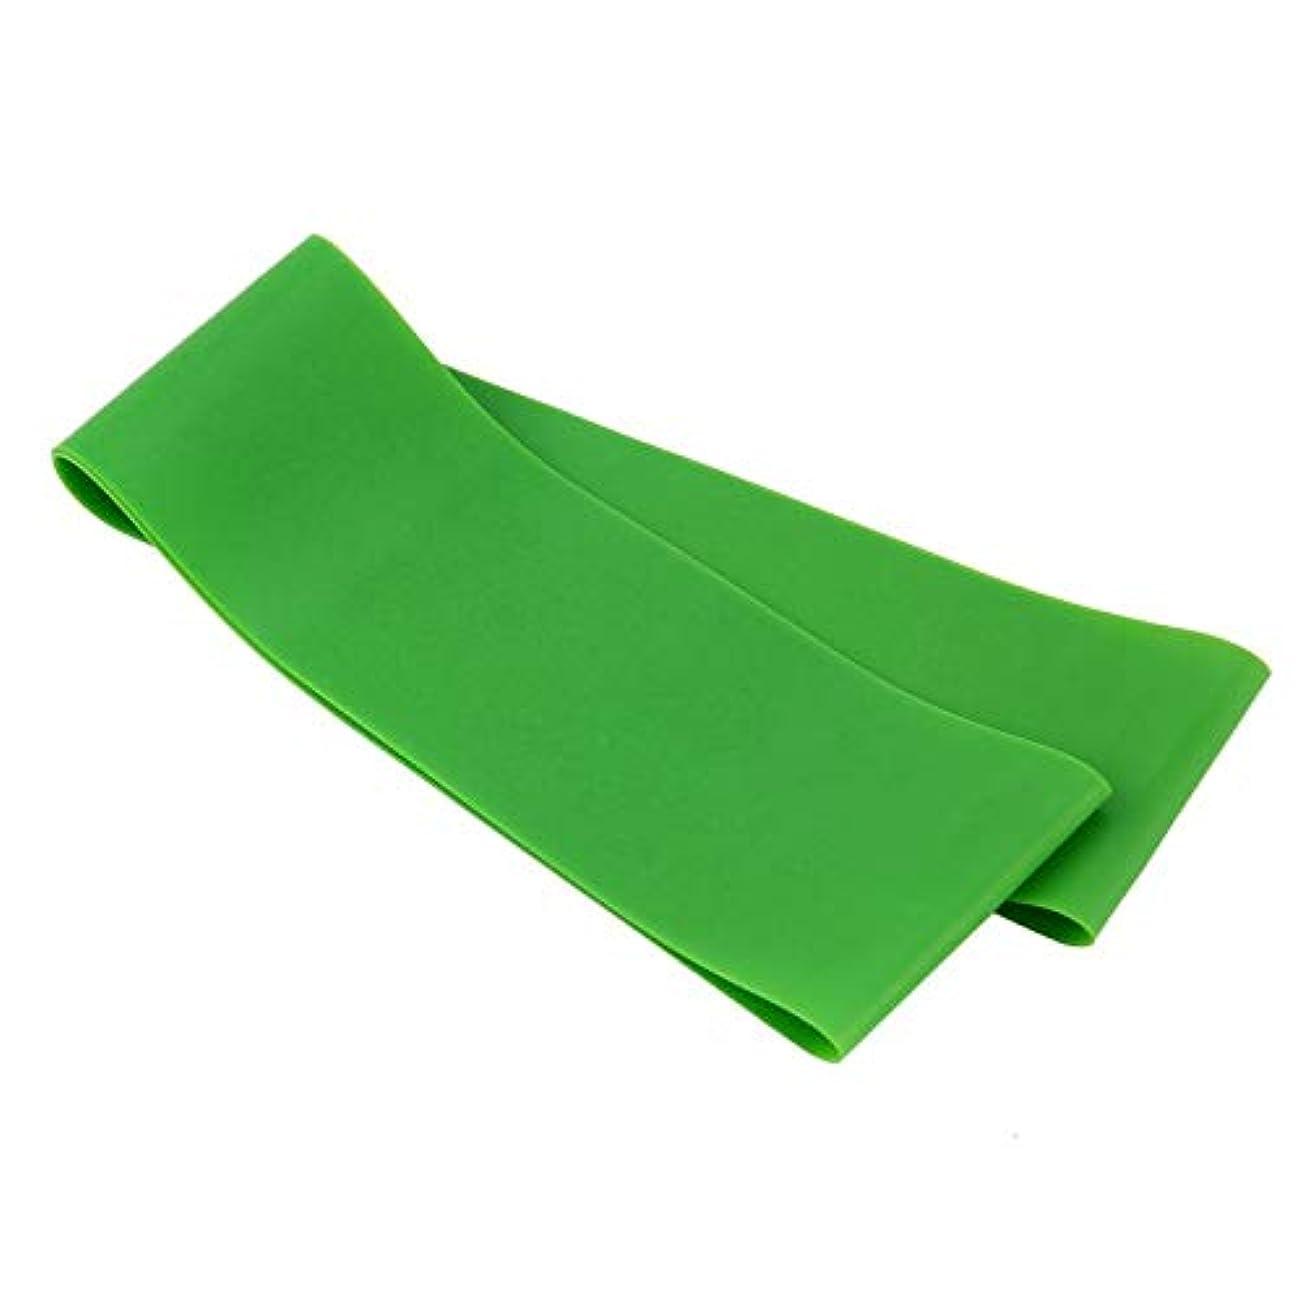 結論反応するプログレッシブ滑り止め伸縮性ゴム弾性ヨガベルトバンドプルロープ張力抵抗バンドループ強度のためのフィットネスヨガツール - グリーン